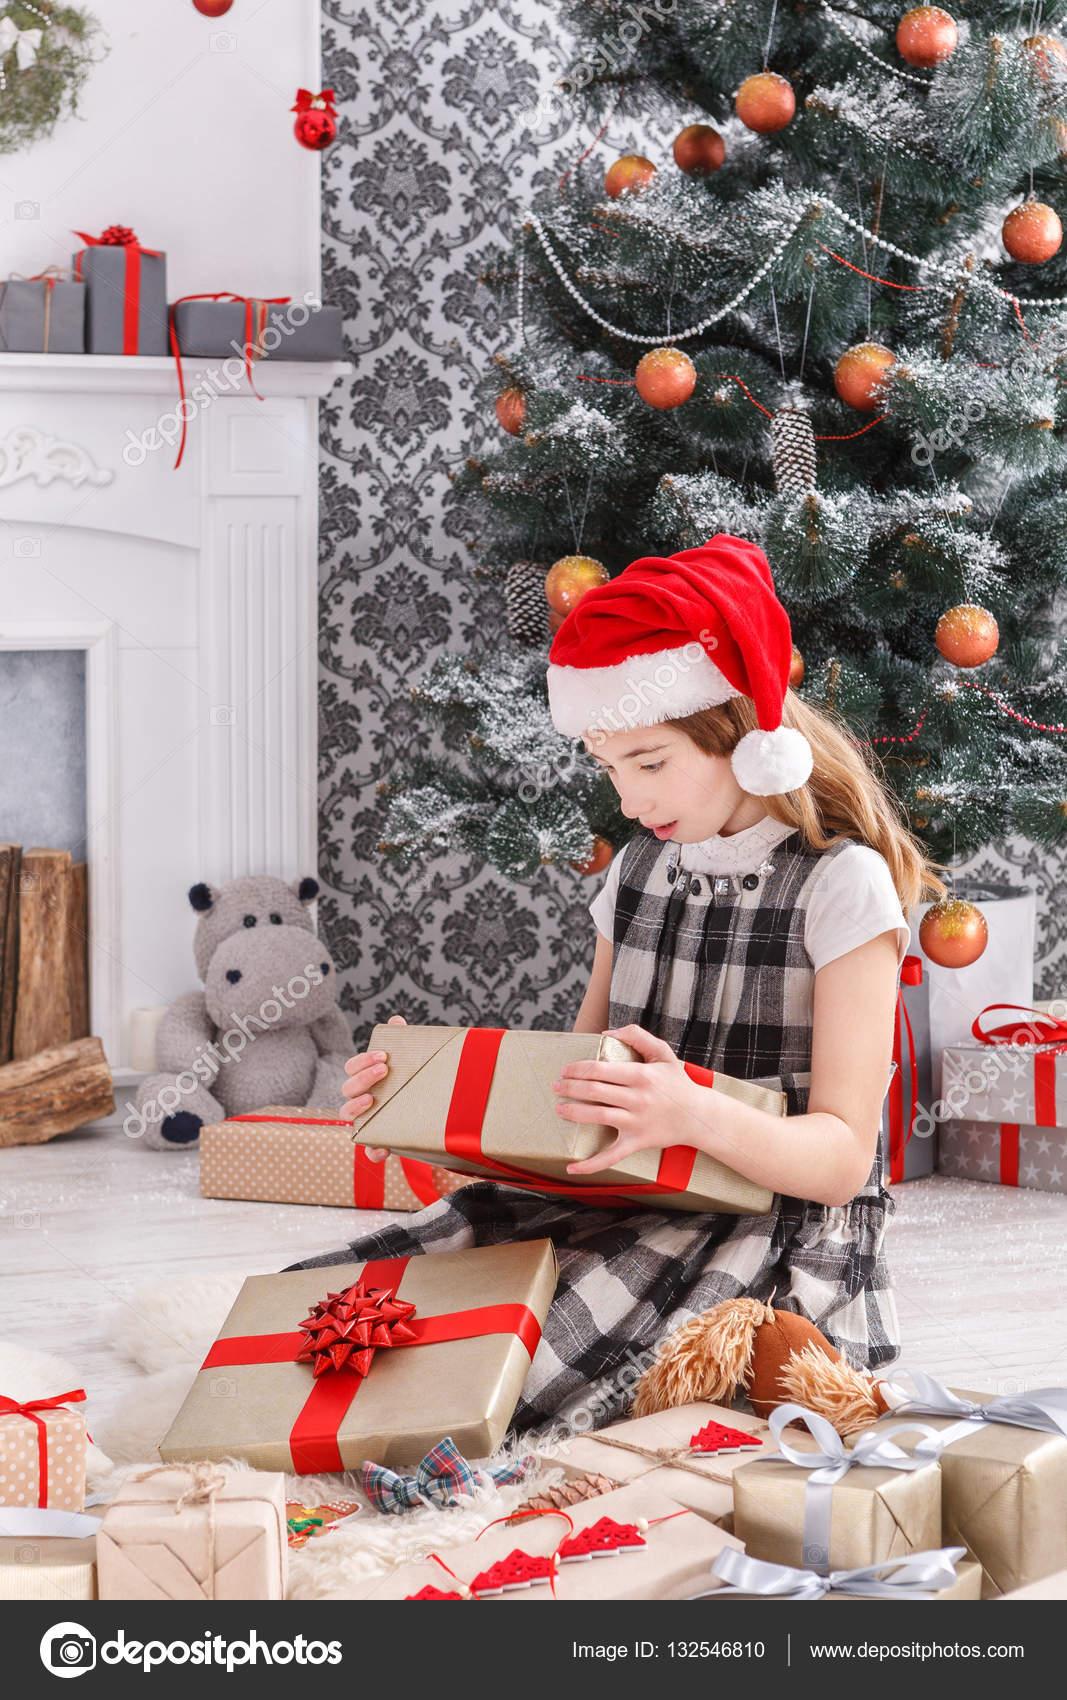 Schöne Weihnachtsgeschenke.Schöne Mädchen In Santa Hut Auspacken Weihnachtsgeschenke